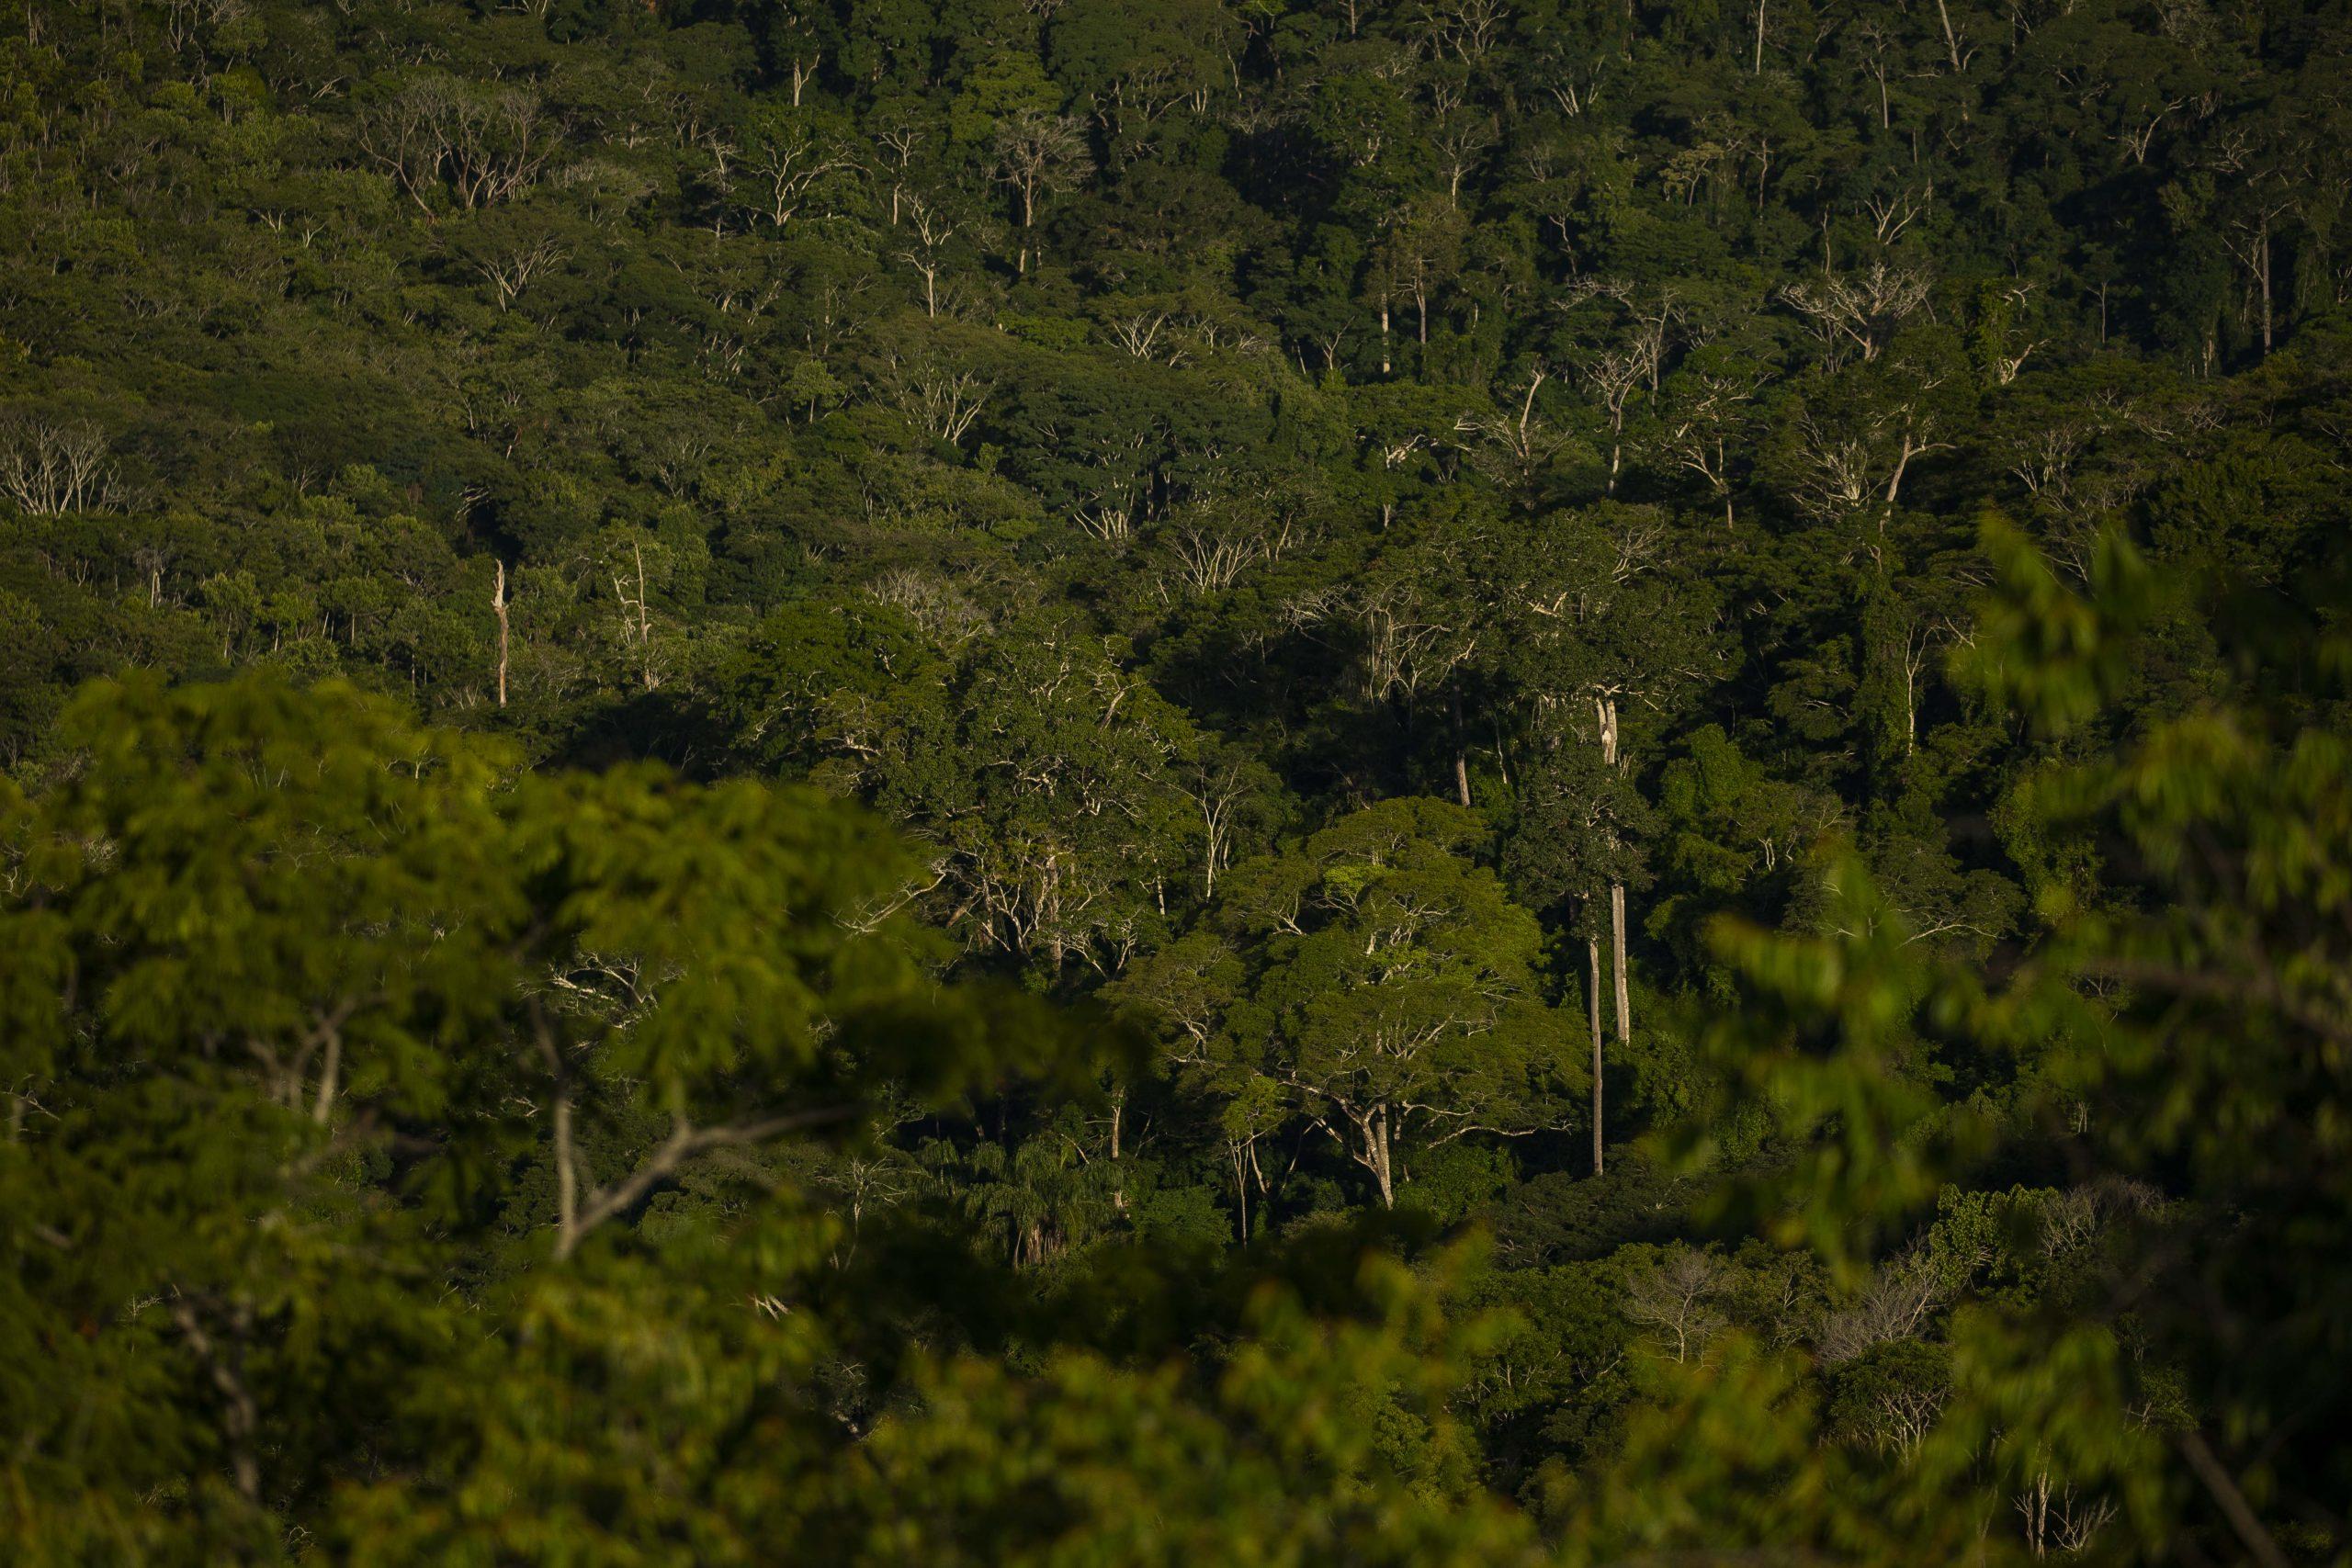 Imagens da RPPN Feliciano Miguel Abdala em Minas Gerais, lar dos Muriquis do Norte e local de estudo da pesquisadora Karen Strier